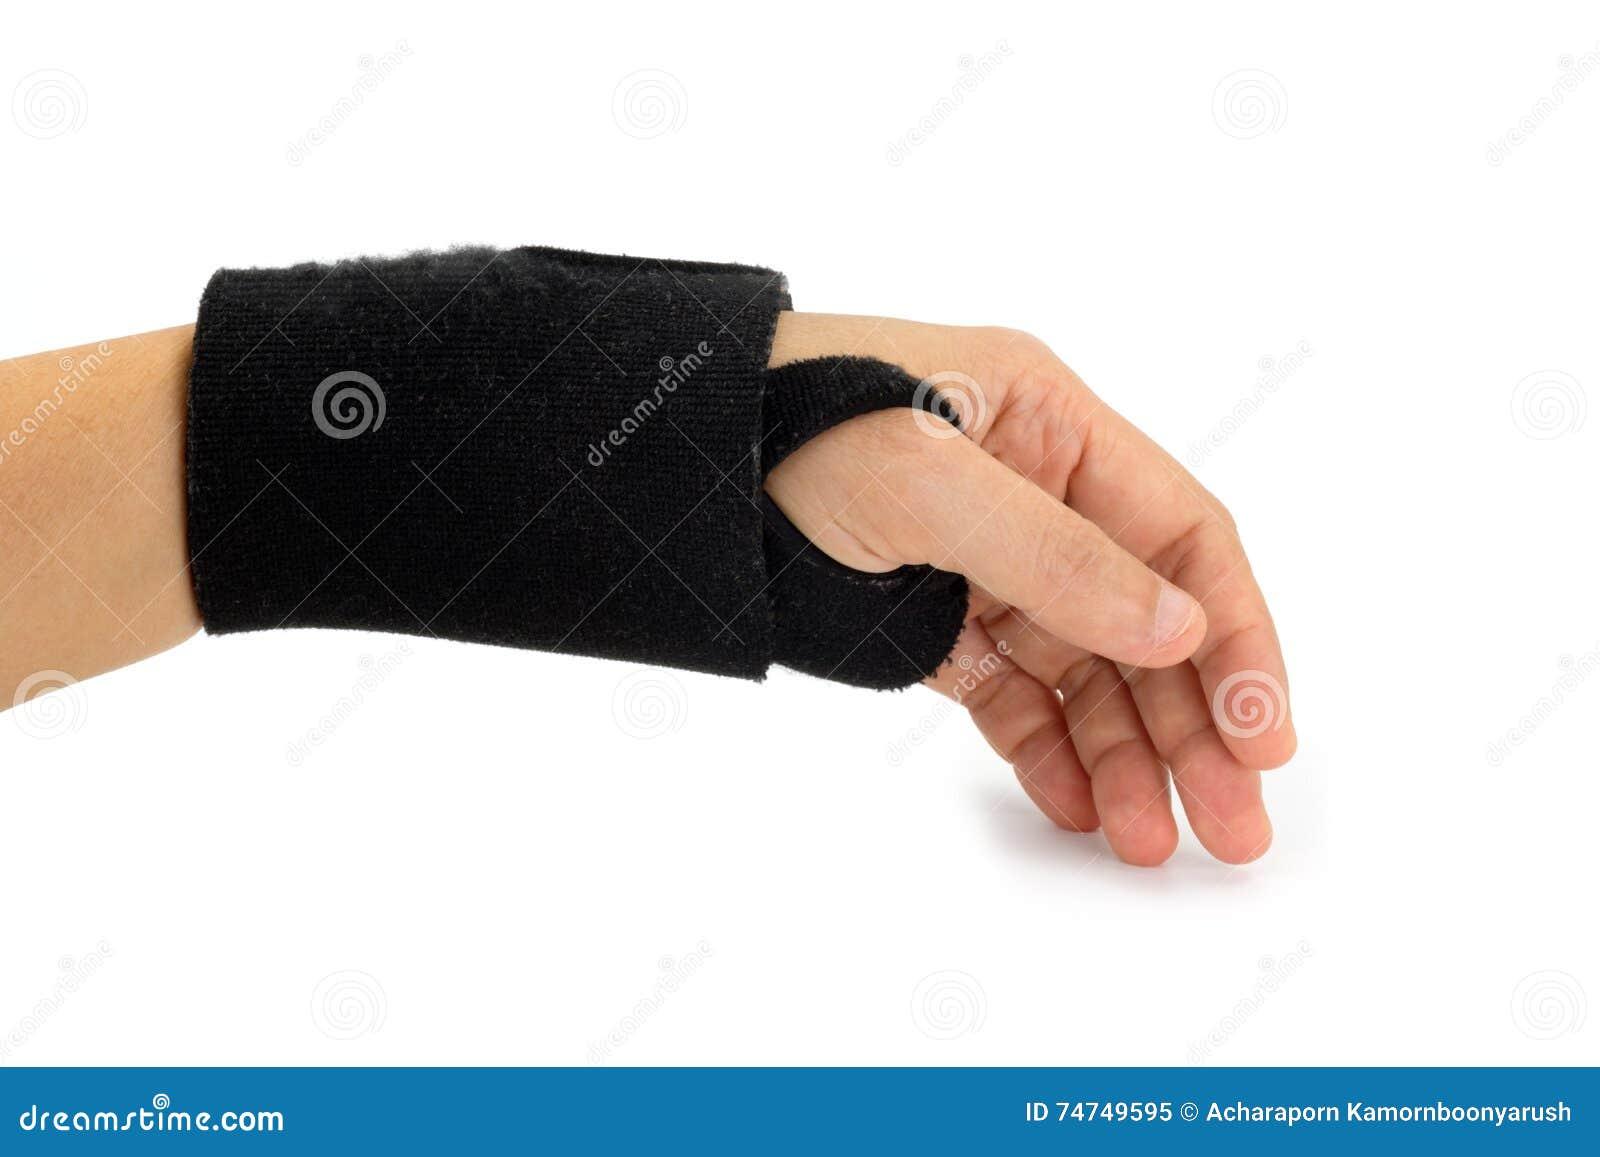 Großzügig Knochen Von Hand Und Handgelenk Fotos - Menschliche ...